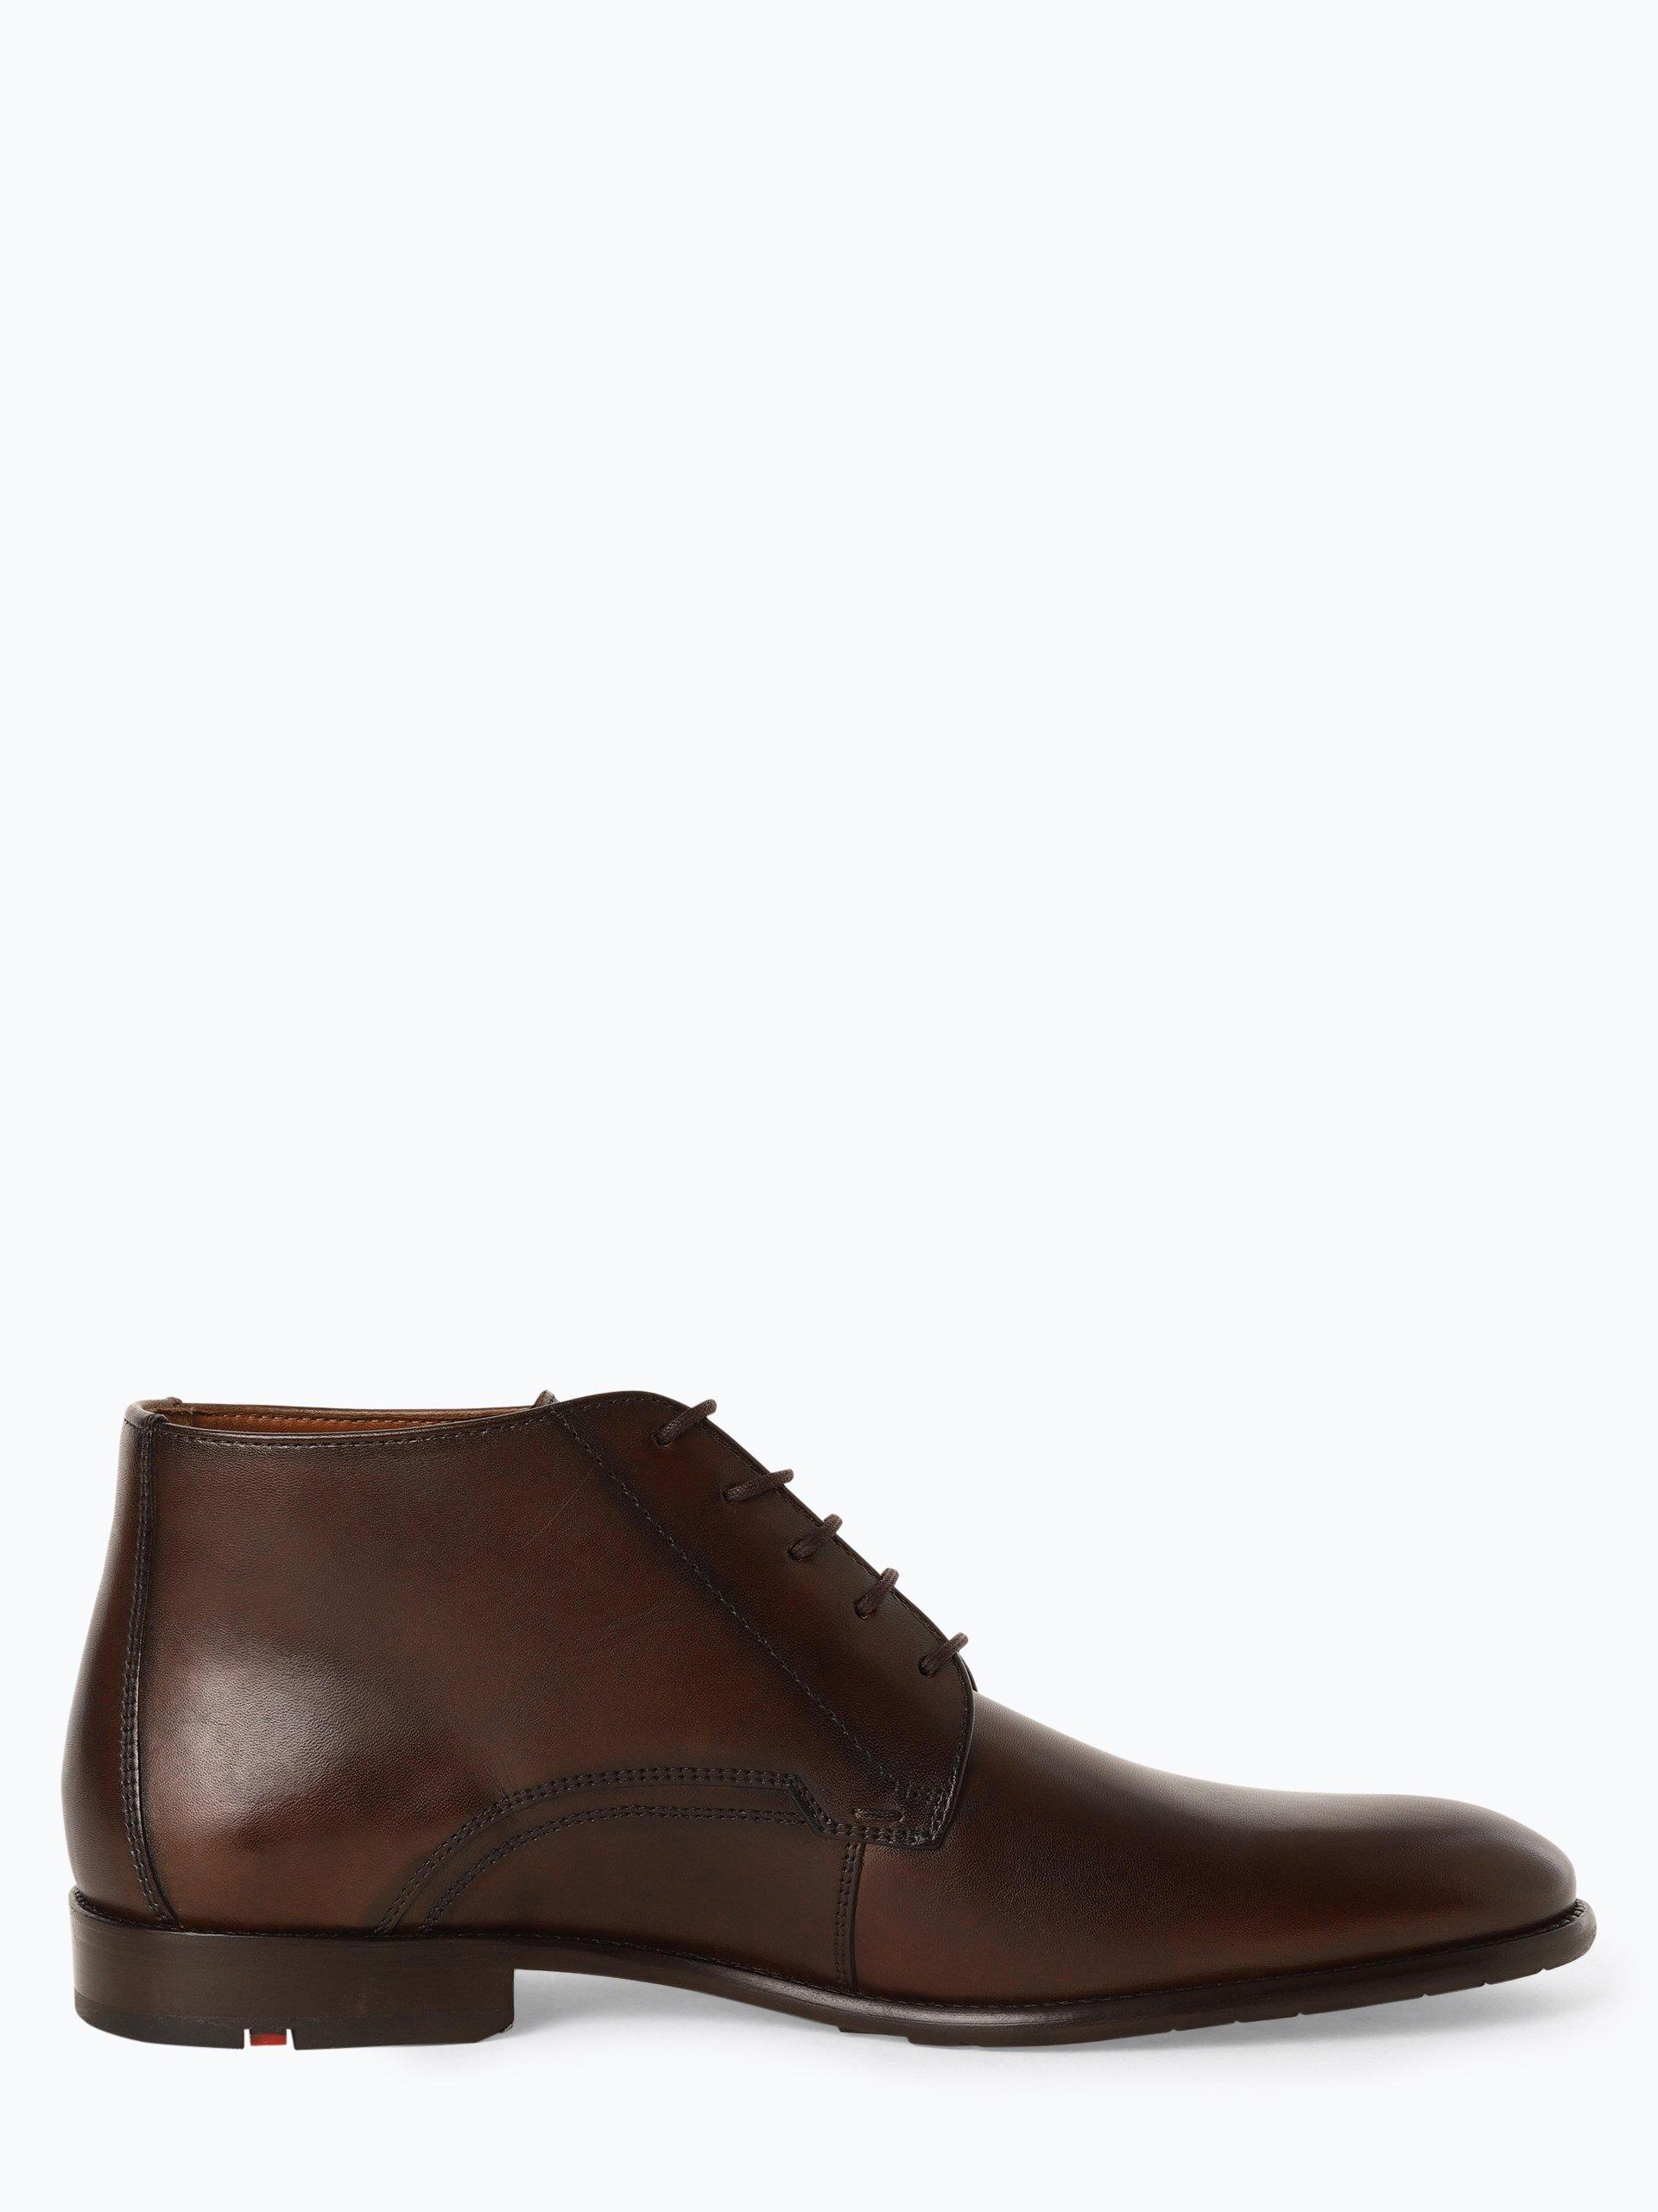 Lloyd Męskie buty sznurowane - Lassin